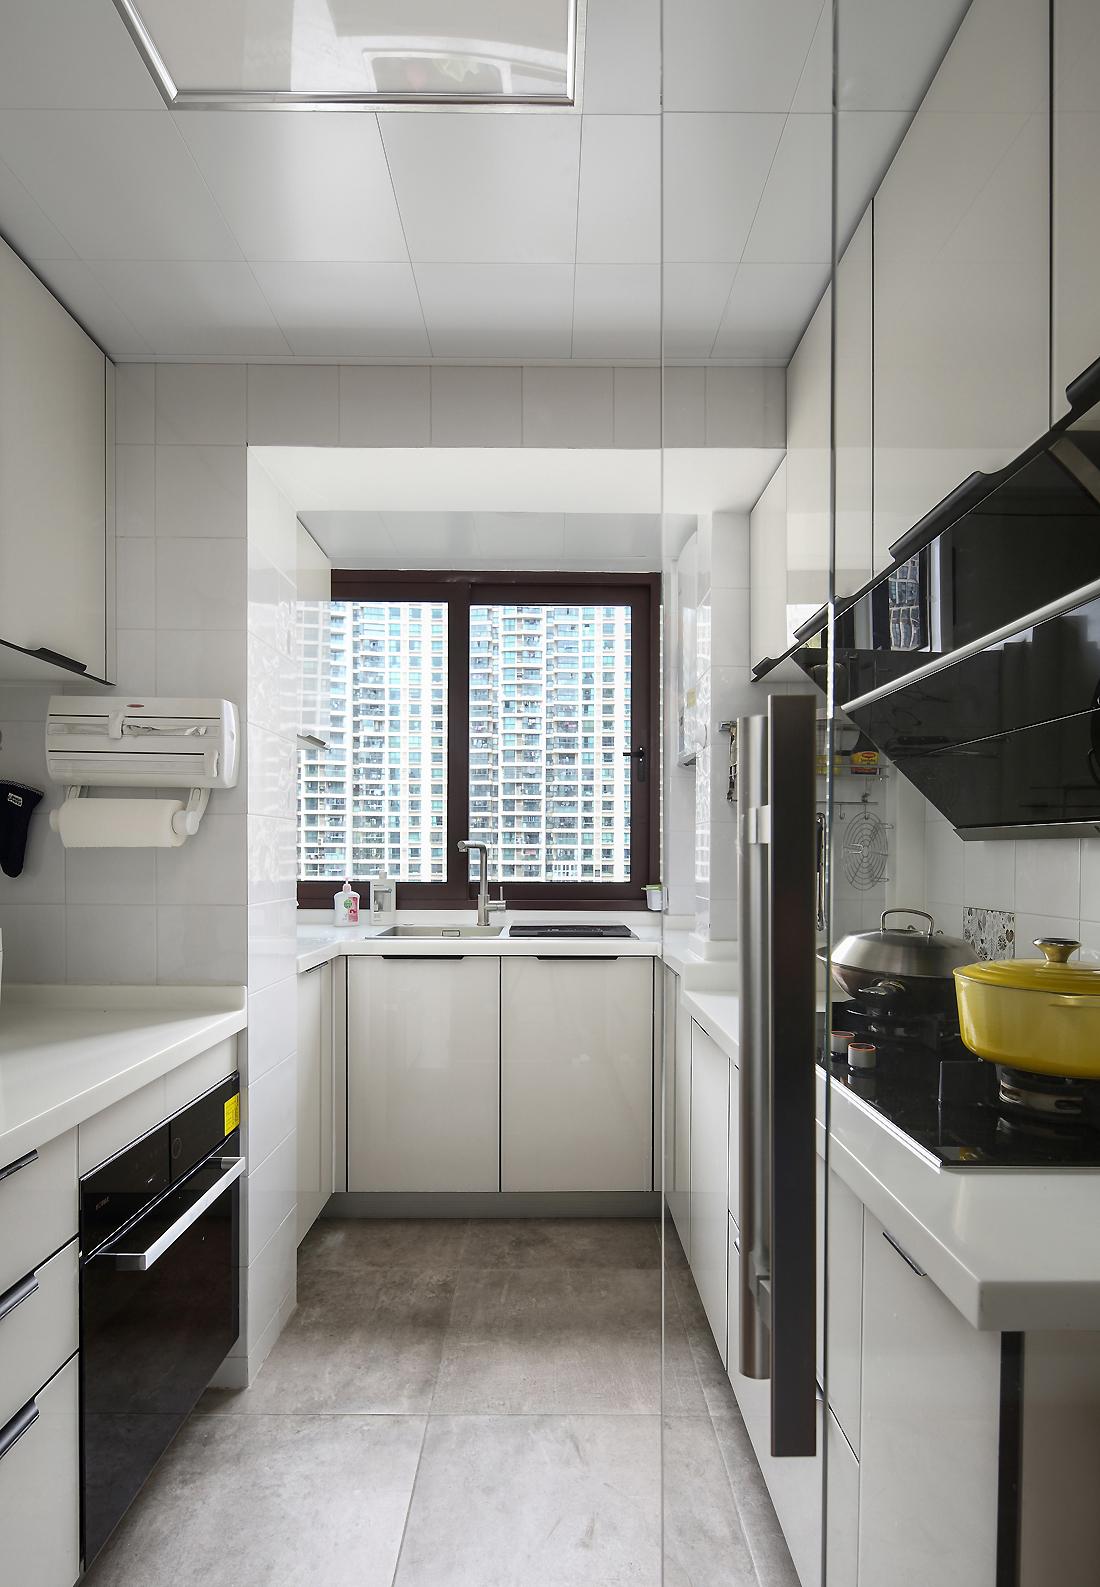 现代北欧风之家厨房设计图